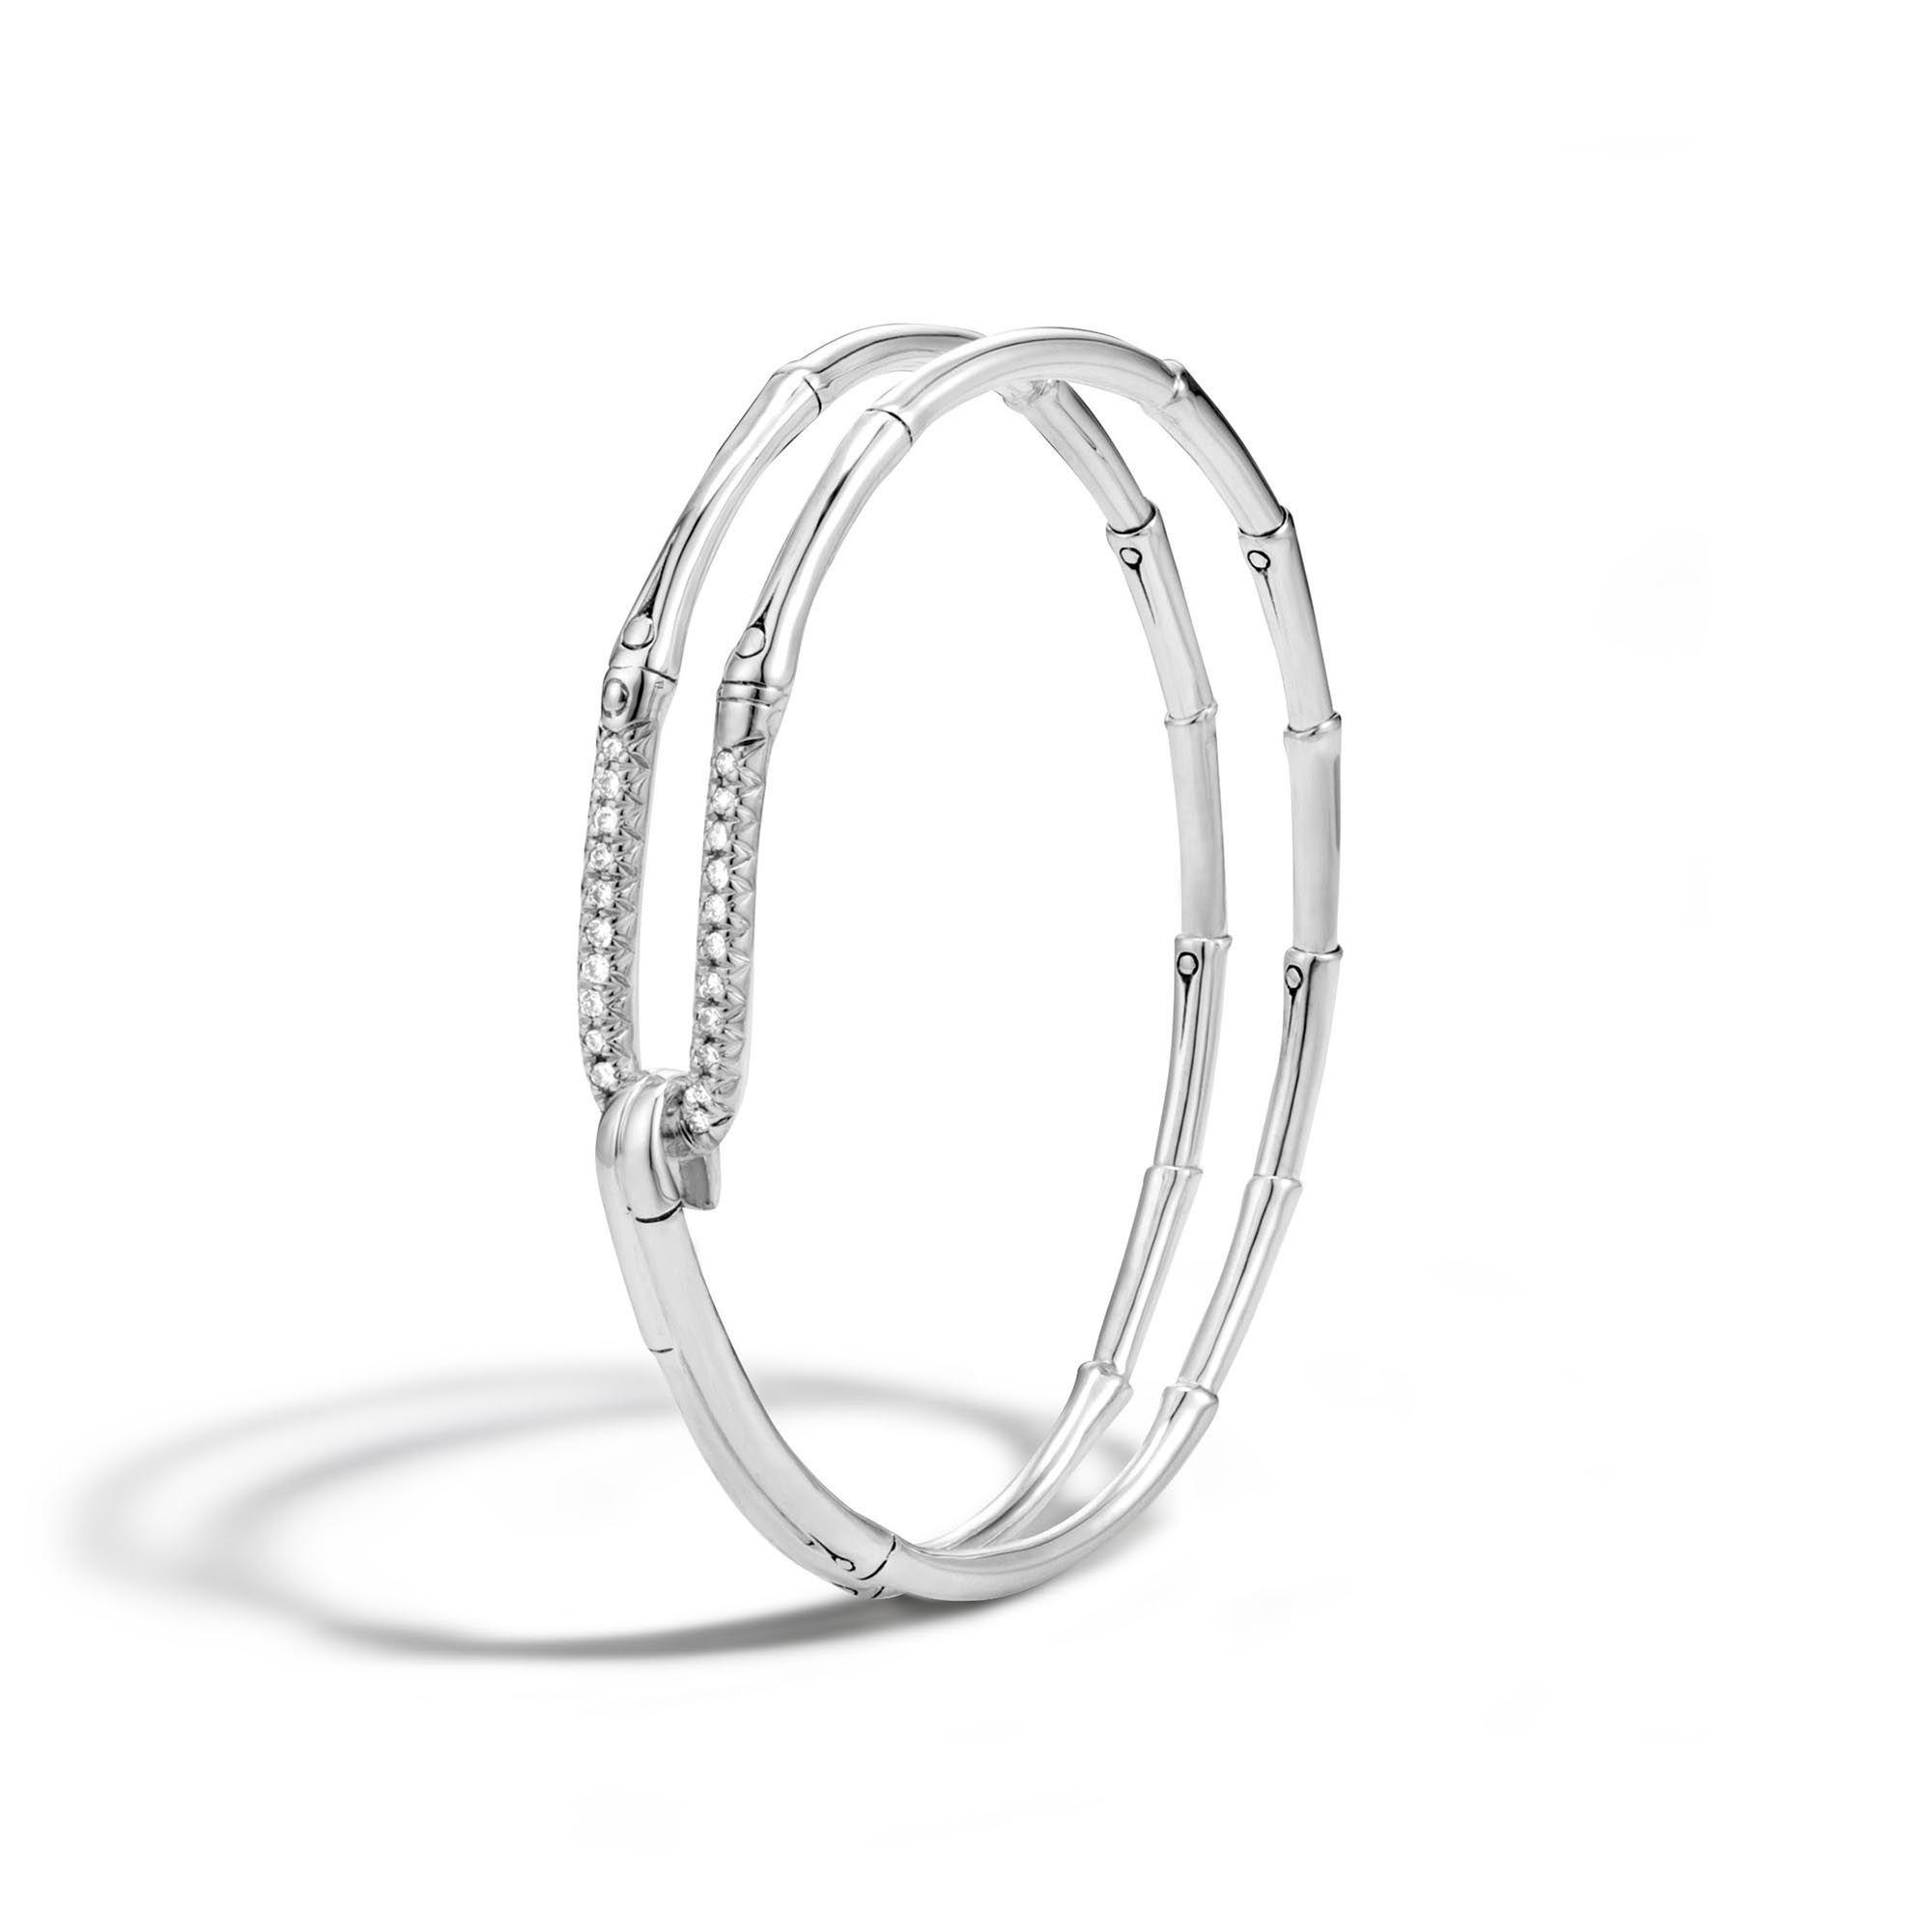 Pin by monster scott on bling pinterest bangle diamond and bling